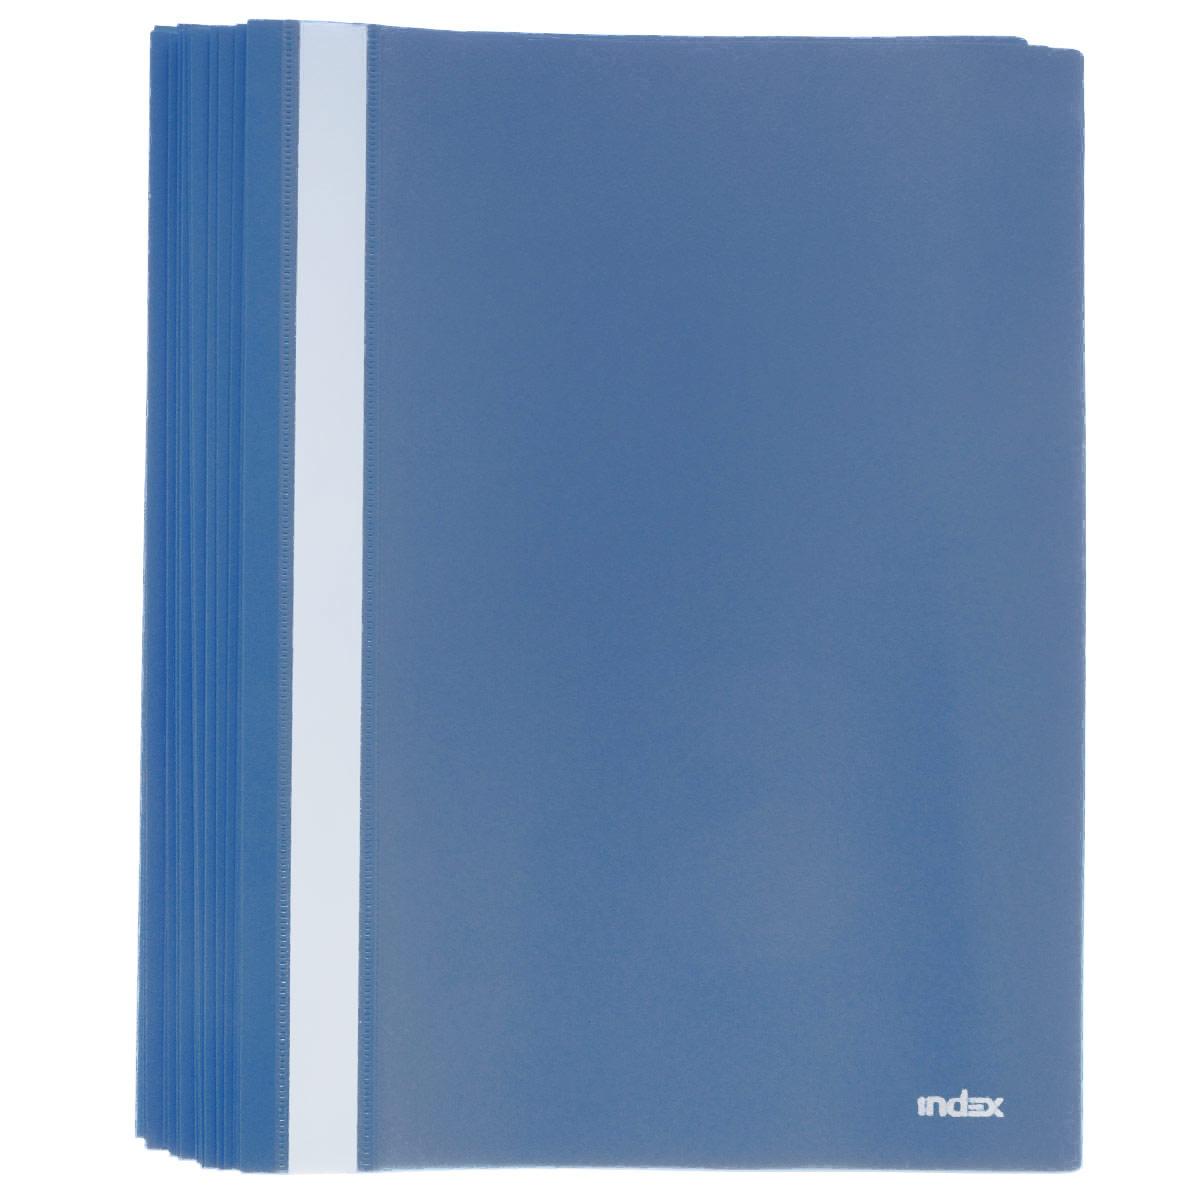 Папка-скоросшиватель Index, цвет: темно-синий. Формат А4, 20 штFS-36054Папка-скоросшиватель Index, изготовленная из высококачественного полипропилена, это удобный и практичный офисный инструмент, предназначенный для хранения и транспортировки рабочих бумаг и документов формата А4. Папка оснащена верхним прозрачным матовым листом и металлическим зажимом внутри для надежного удержания бумаг. В наборе - 20 папок.Папка-скоросшиватель - это незаменимый атрибут для студента, школьника, офисного работника. Такая папка надежно сохранит ваши документы и сбережет их от повреждений, пыли и влаги.Комплектация: 20 шт.